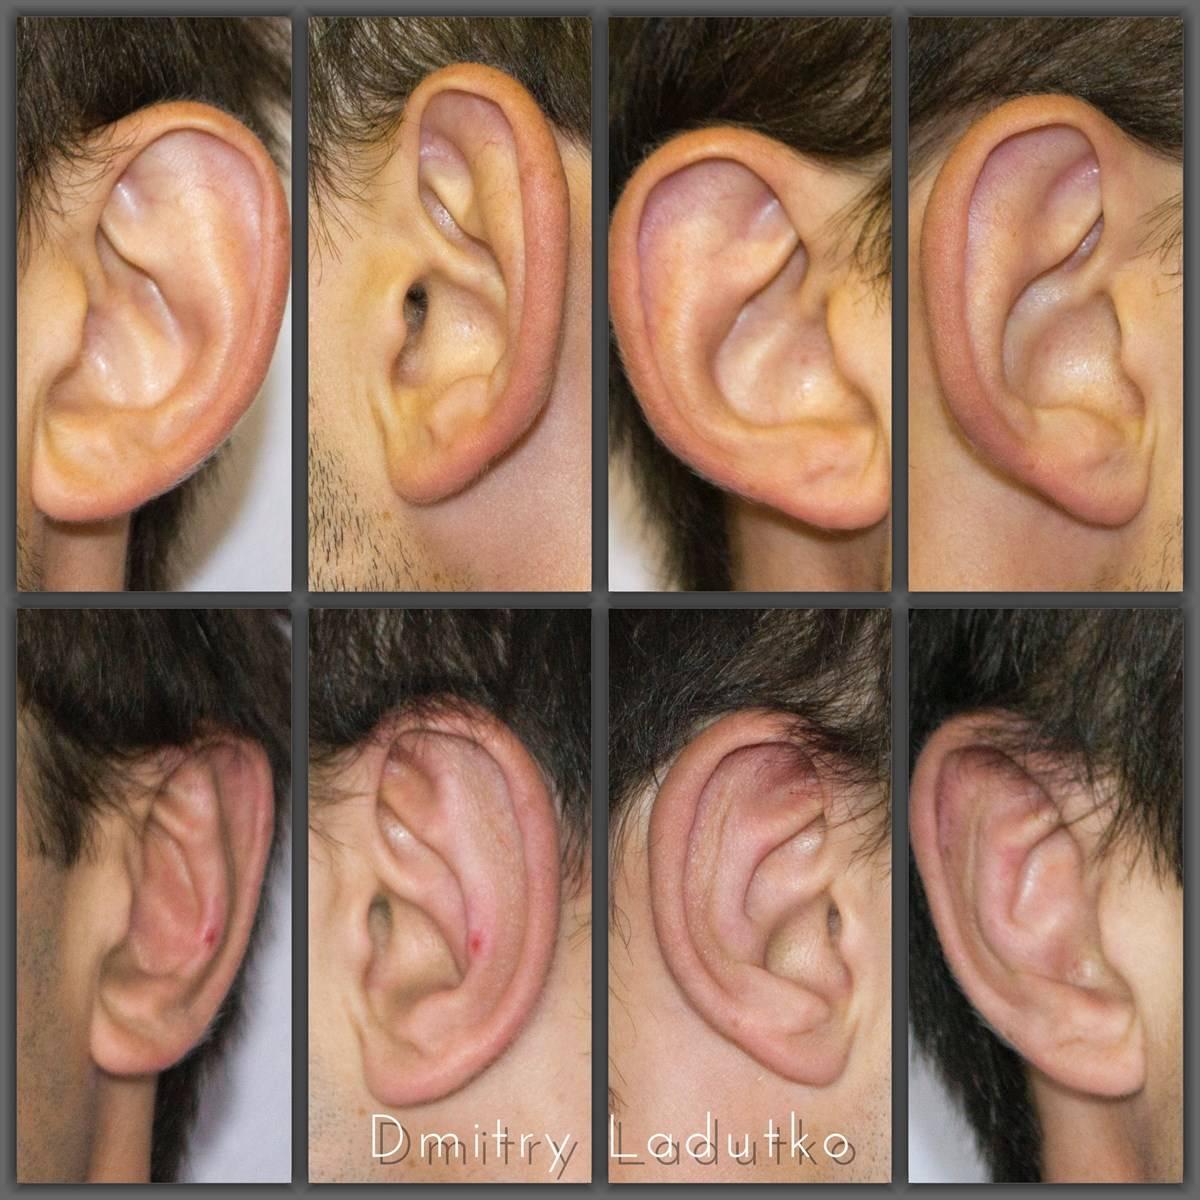 Как убрать лопоухость в домашних условиях. оттопыренные уши как избавиться от лопоухости дома